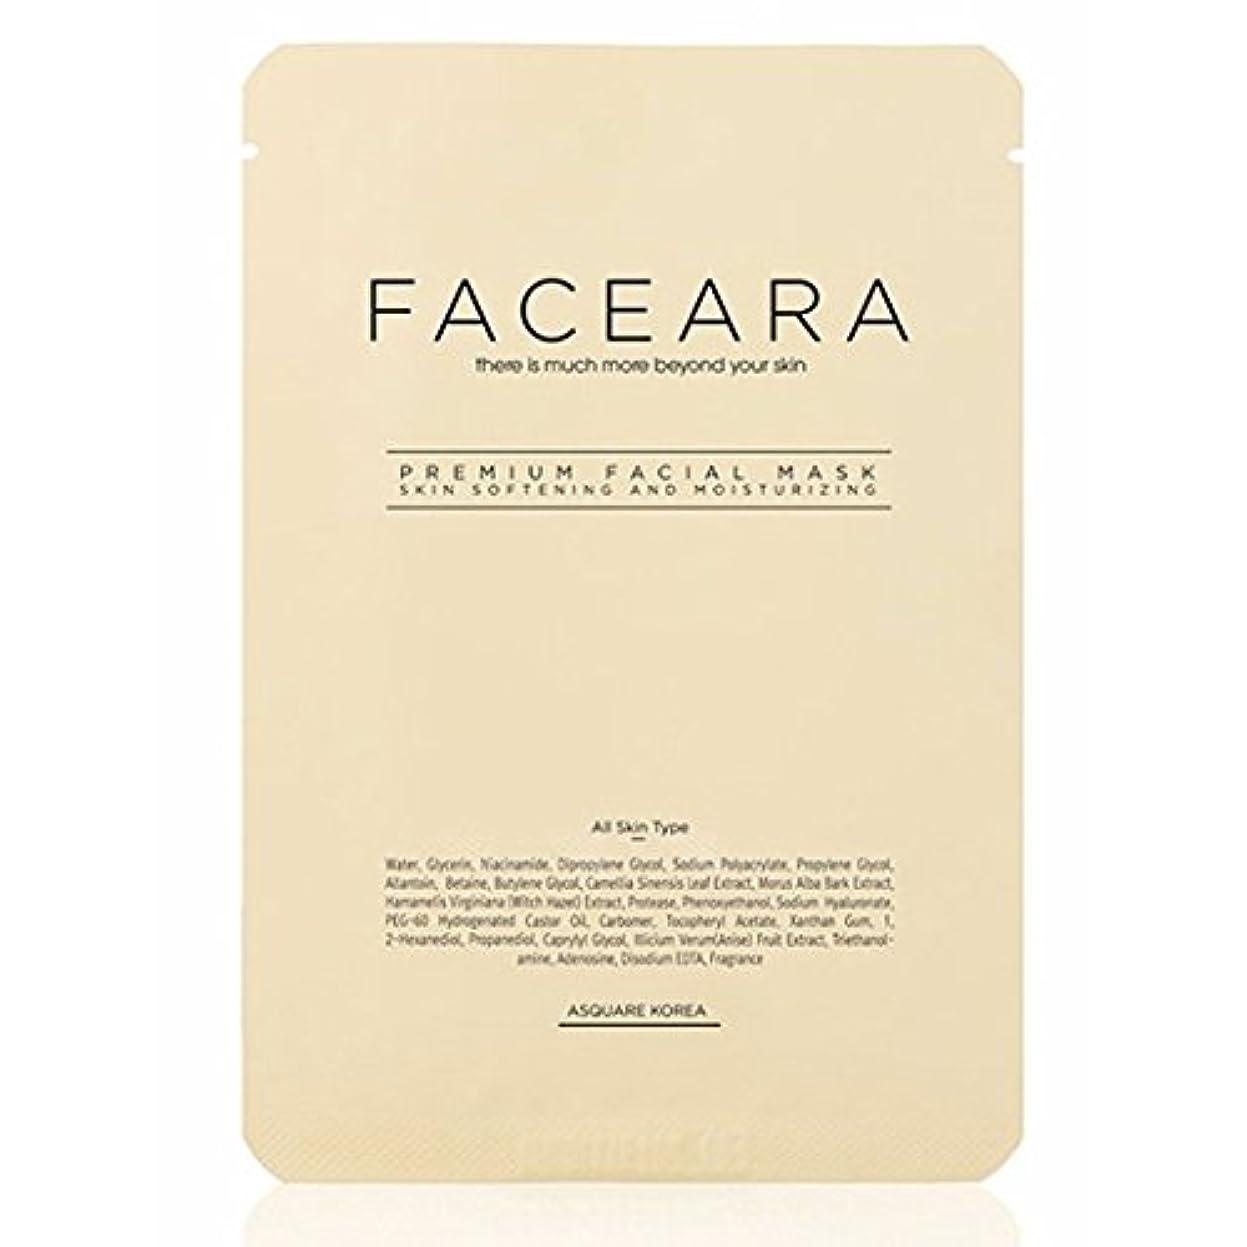 タイマー成功したソーセージ[並行輸入品] FACEARA スクラブ&スーパーモイスチャライザー用プレミアムフェイシャルマスクシート25g 5本セット / FACEARA Premium Facial Mask Sheet for Scrub &...